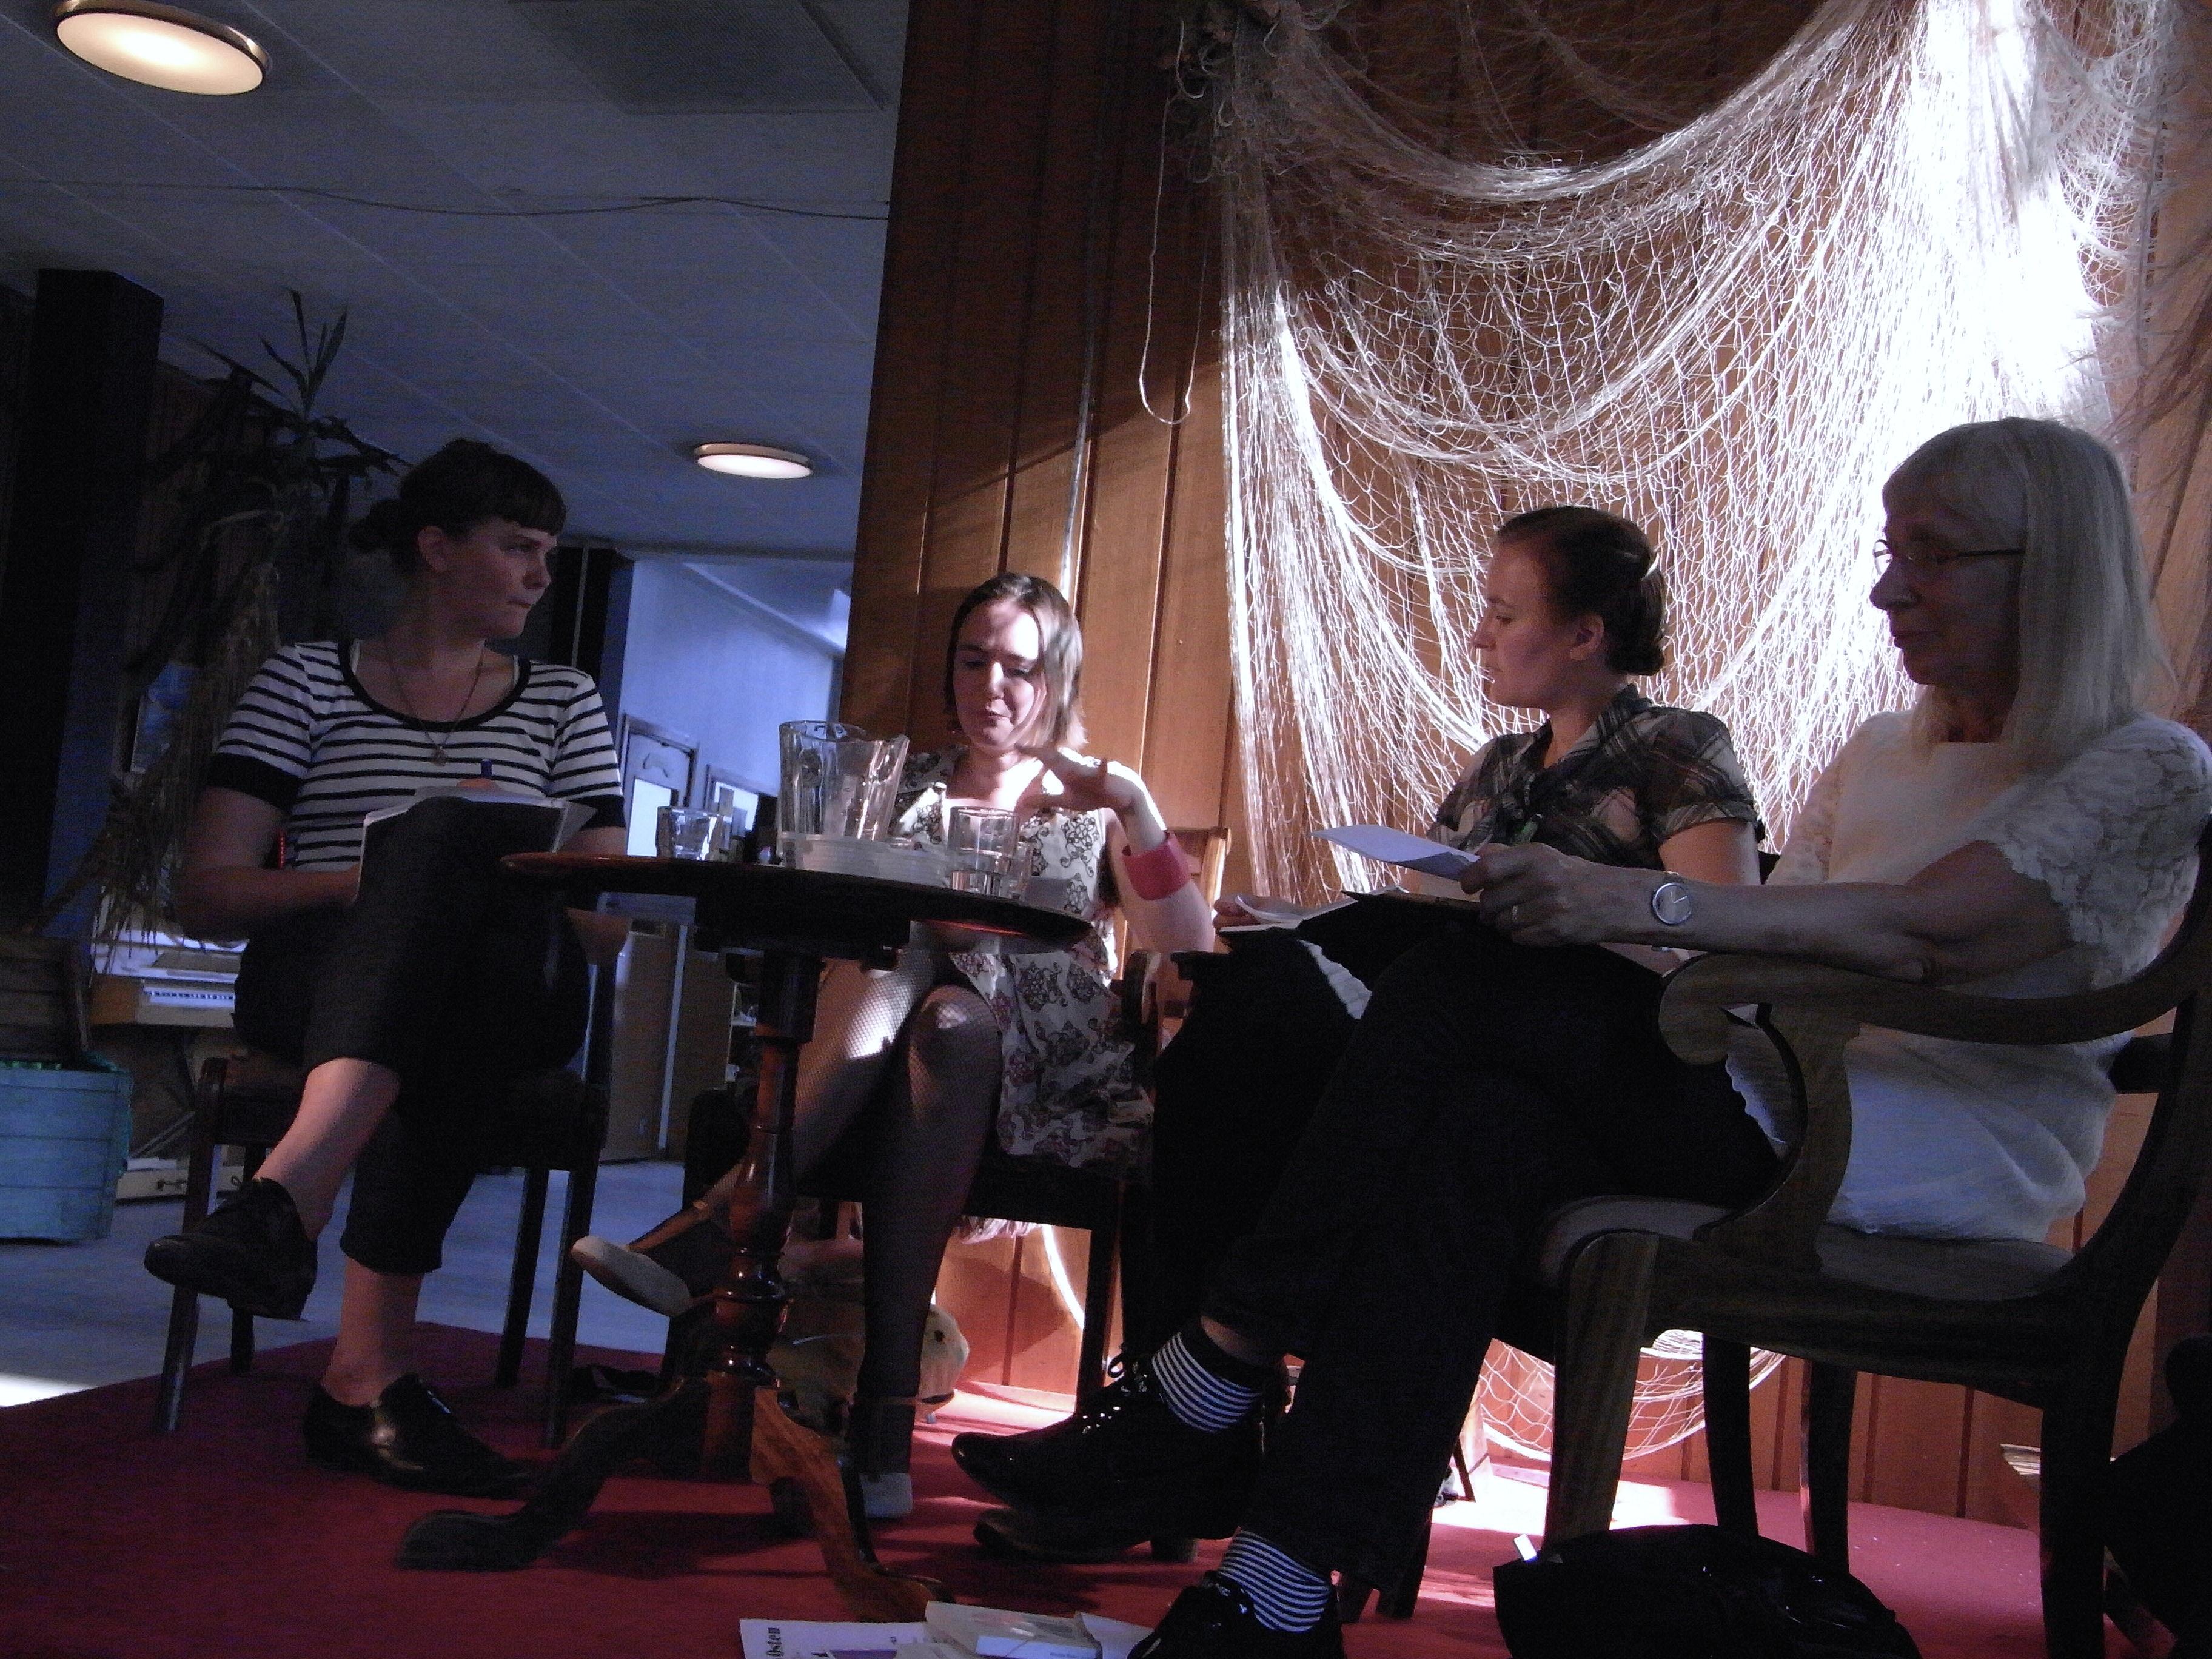 Ebba Petrén, Johanna Koljonen, Anna-Karin Linder och Suzanne Osten i ett samtal om lajv och teater 2010